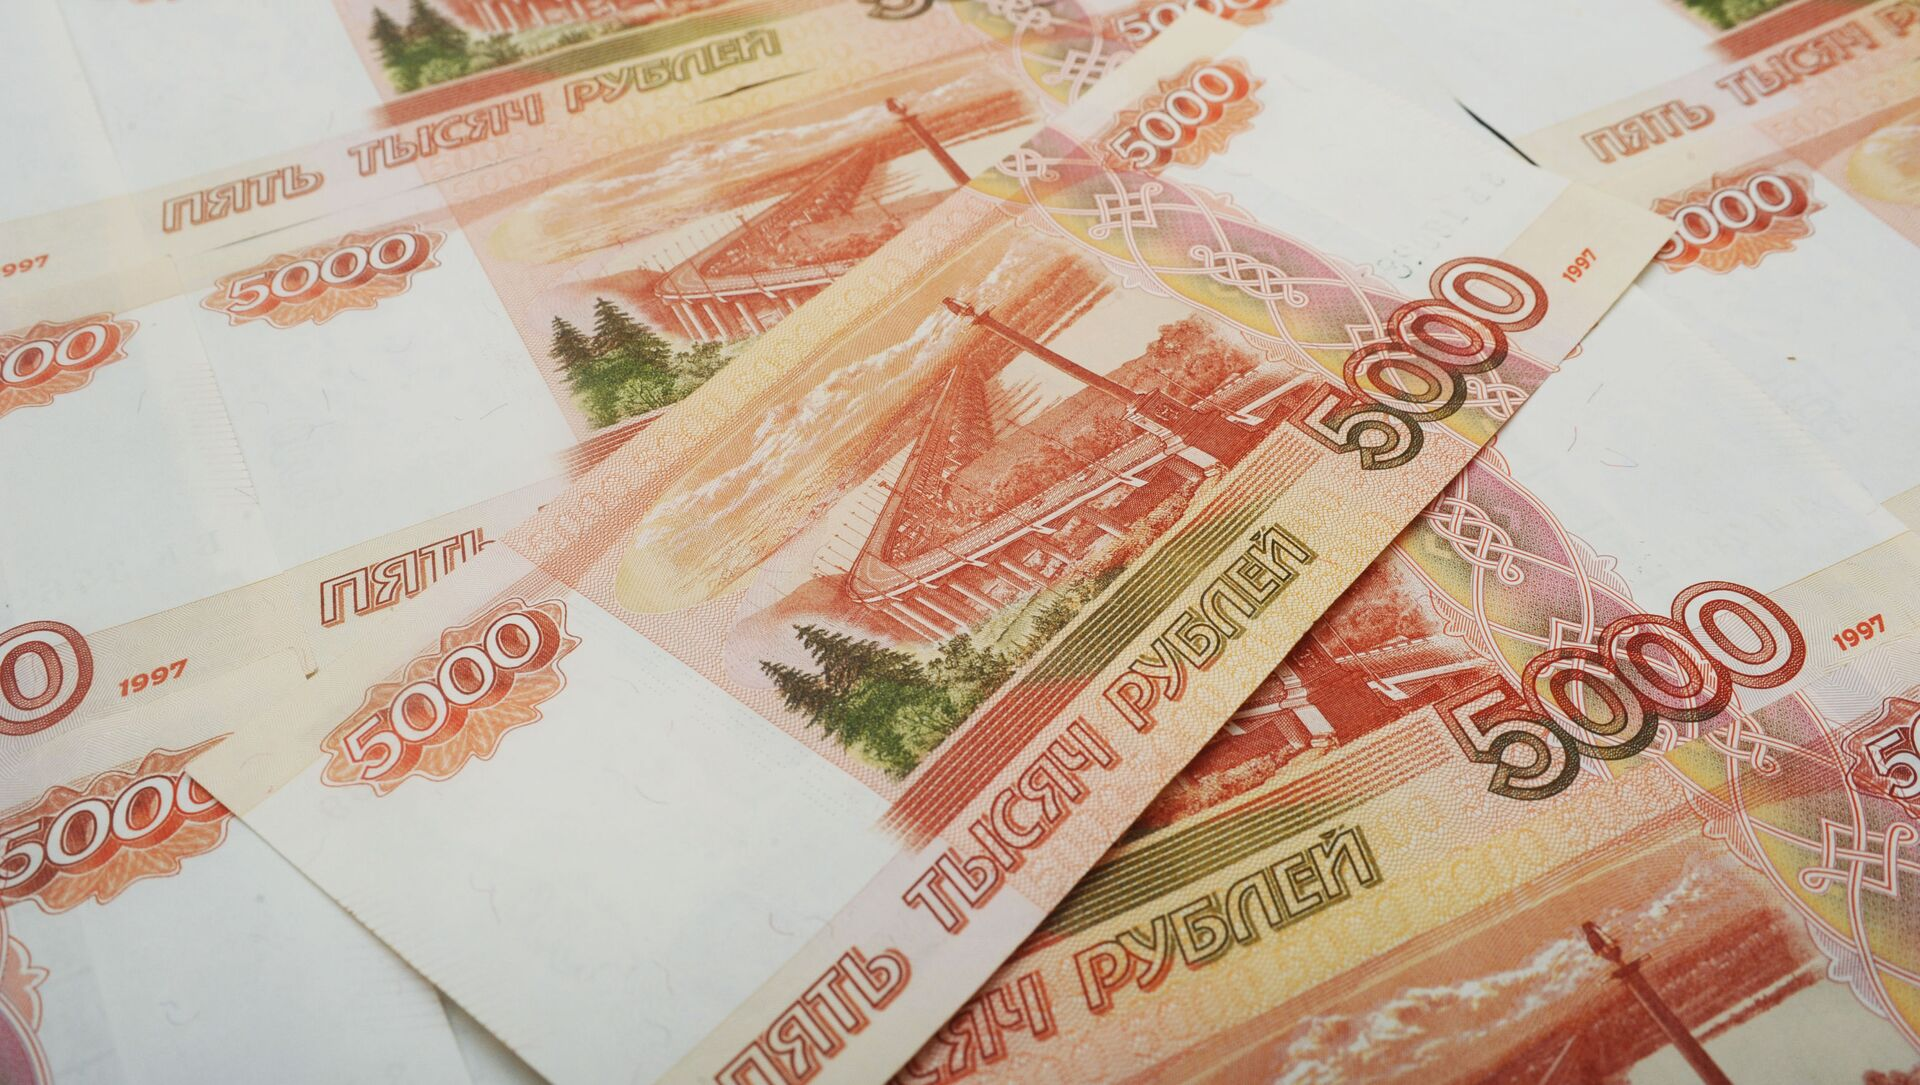 Банкноты номиналом 5000 рублей. - Sputnik Аҧсны, 1920, 28.09.2021